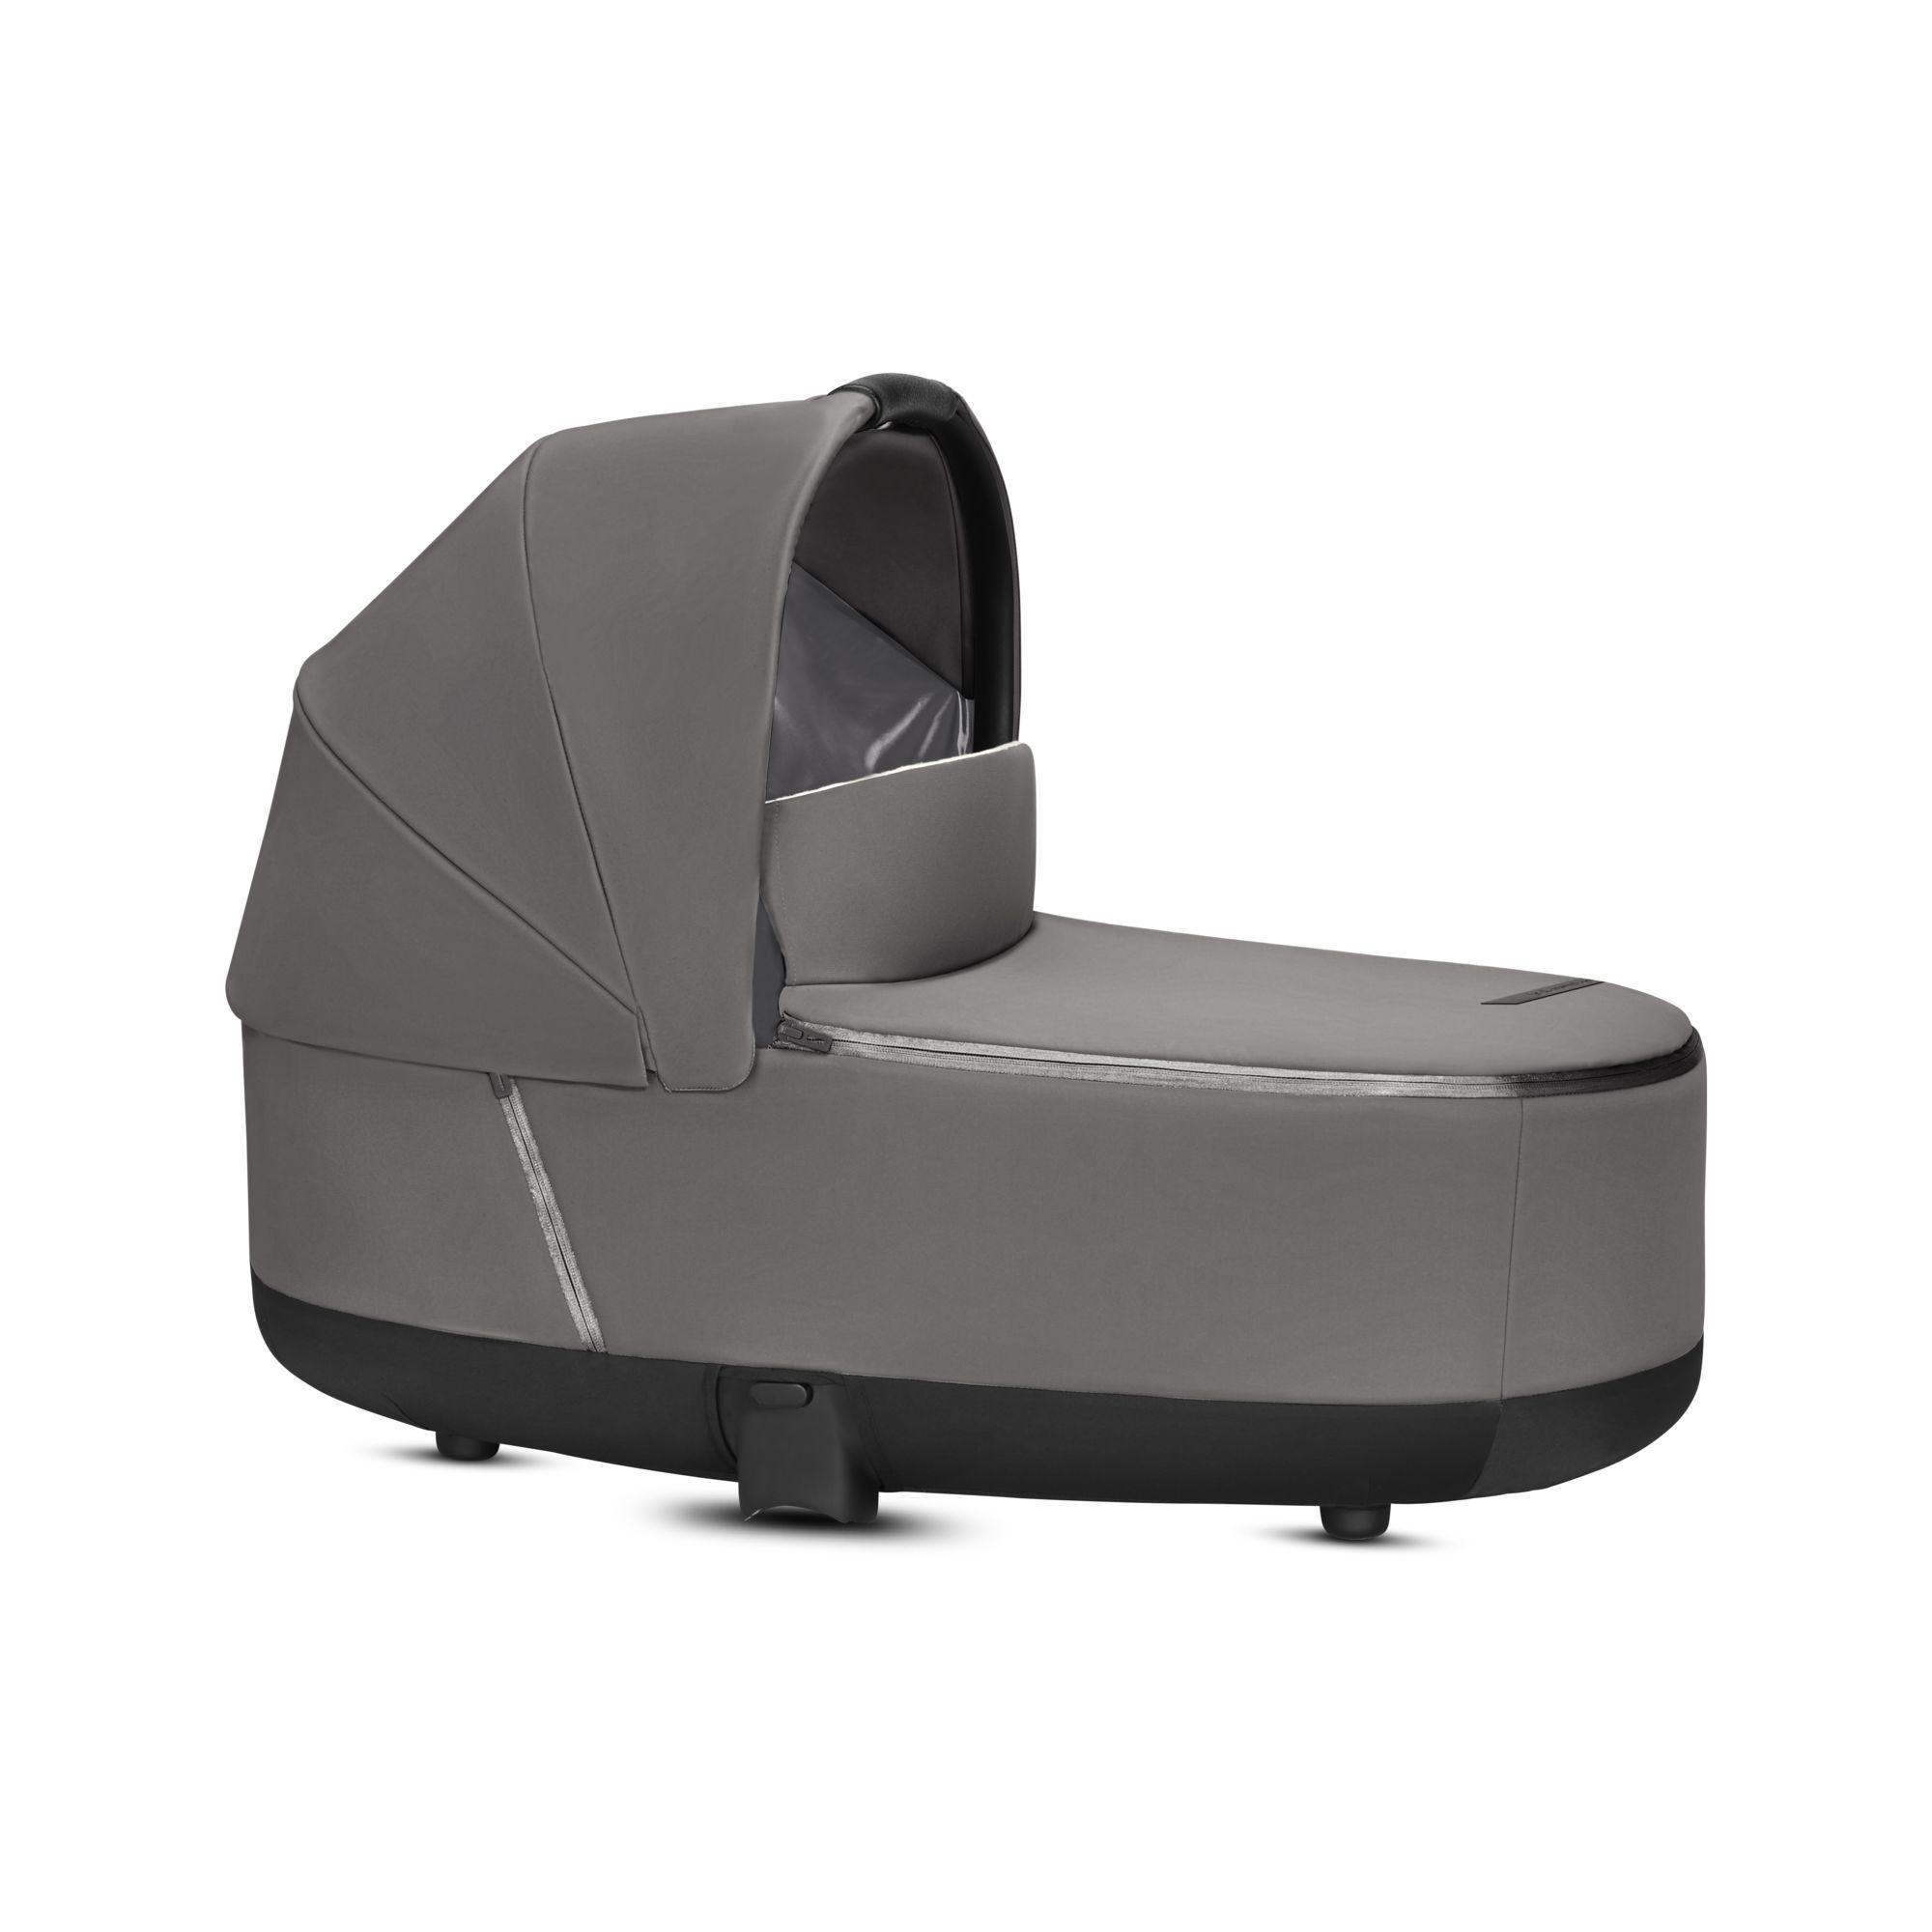 Cybex Priam 2019 komplektas Manhattan Grey + Chrome važiuoklė - Cybex